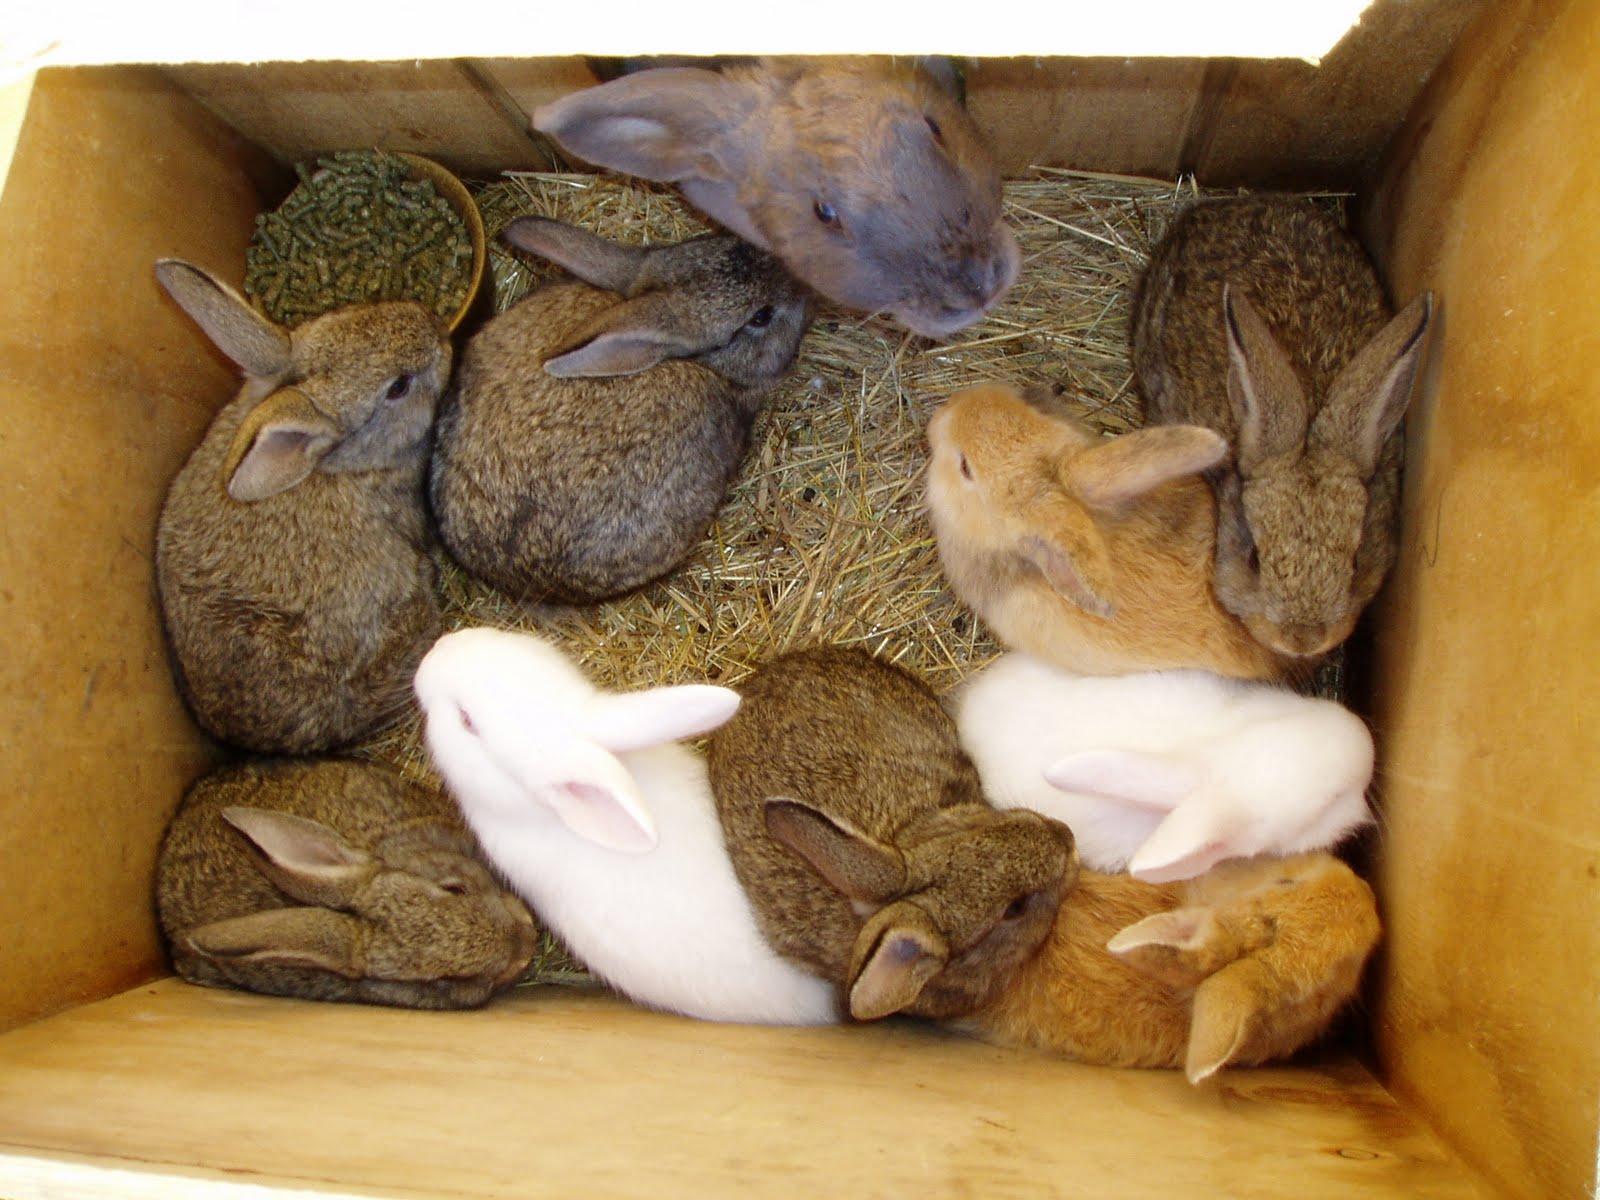 Искусственное кормление новорождённых крольчат. Кролики 31